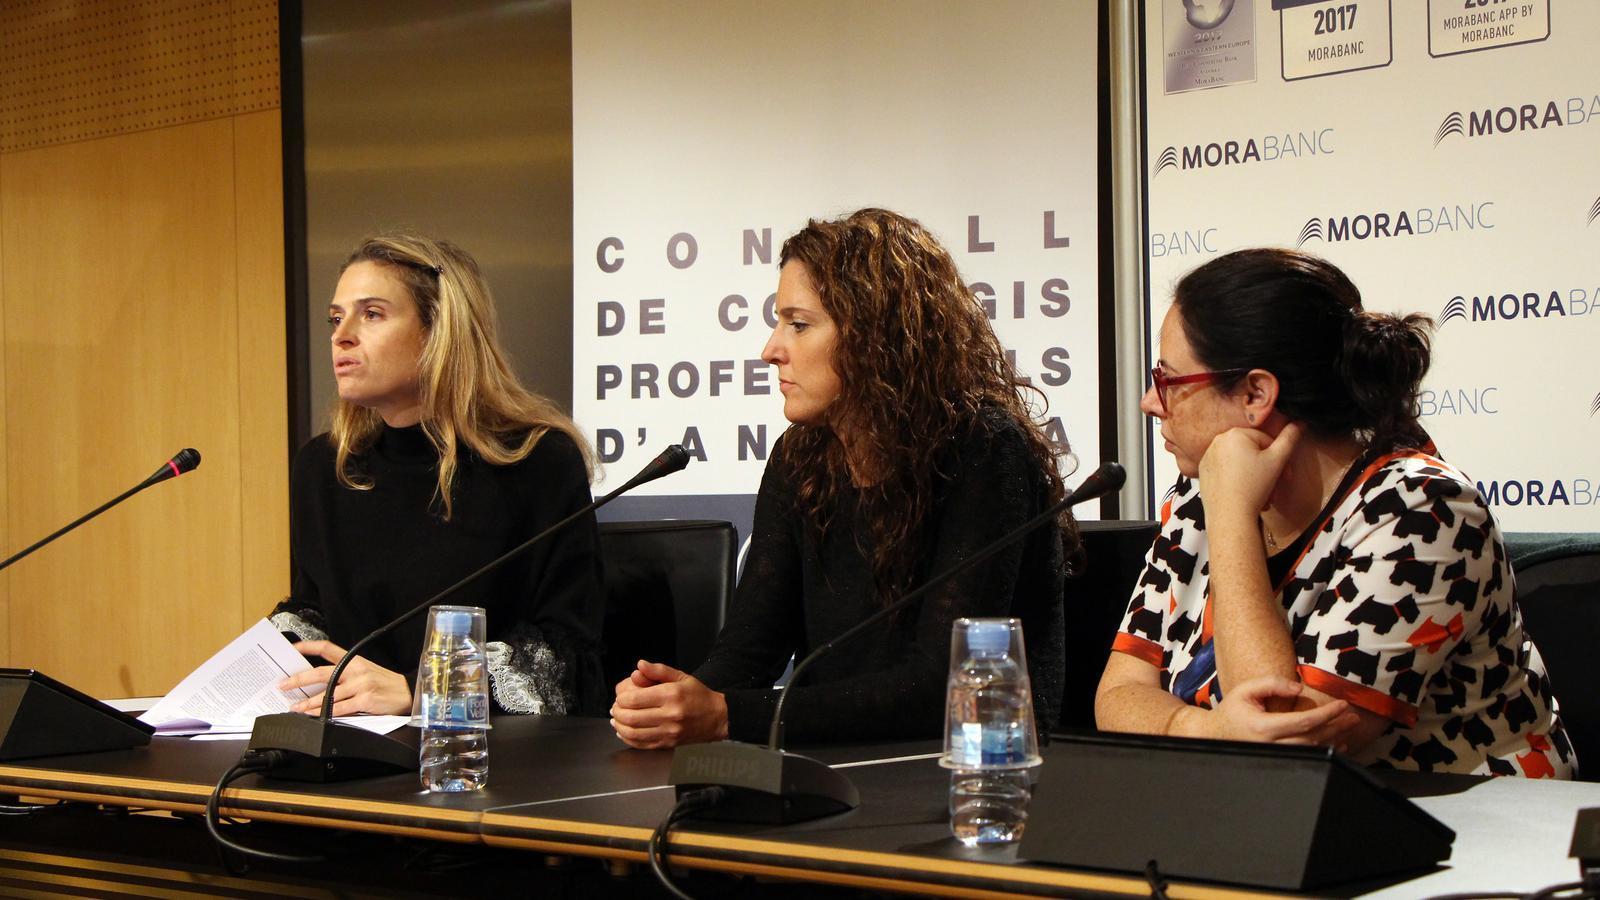 La degana del Consell de col·legis professionals d'Andorra, Sophie Bellocq, la secretària Zaira Nadal i la vicedegana, Edith Rascagneres, durant la roda de premsa per explicar els canvis que s'introduiran a la llei. / C. G.